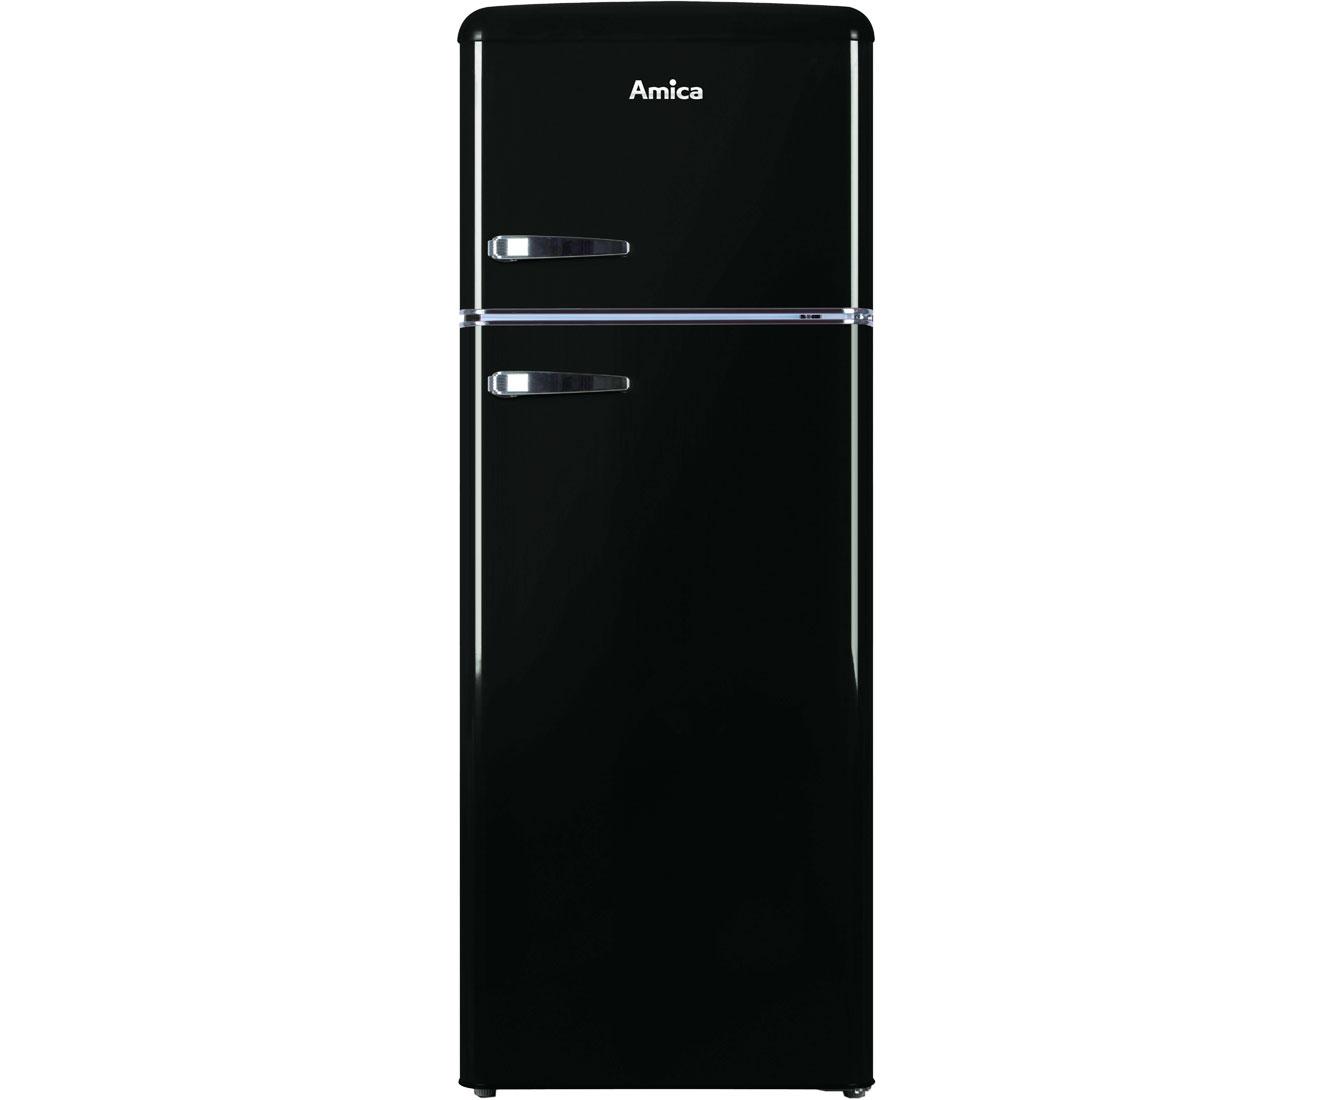 Retro Kühlschrank Yoga : Heimeier retro s preisvergleich u2022 die besten angebote online kaufen